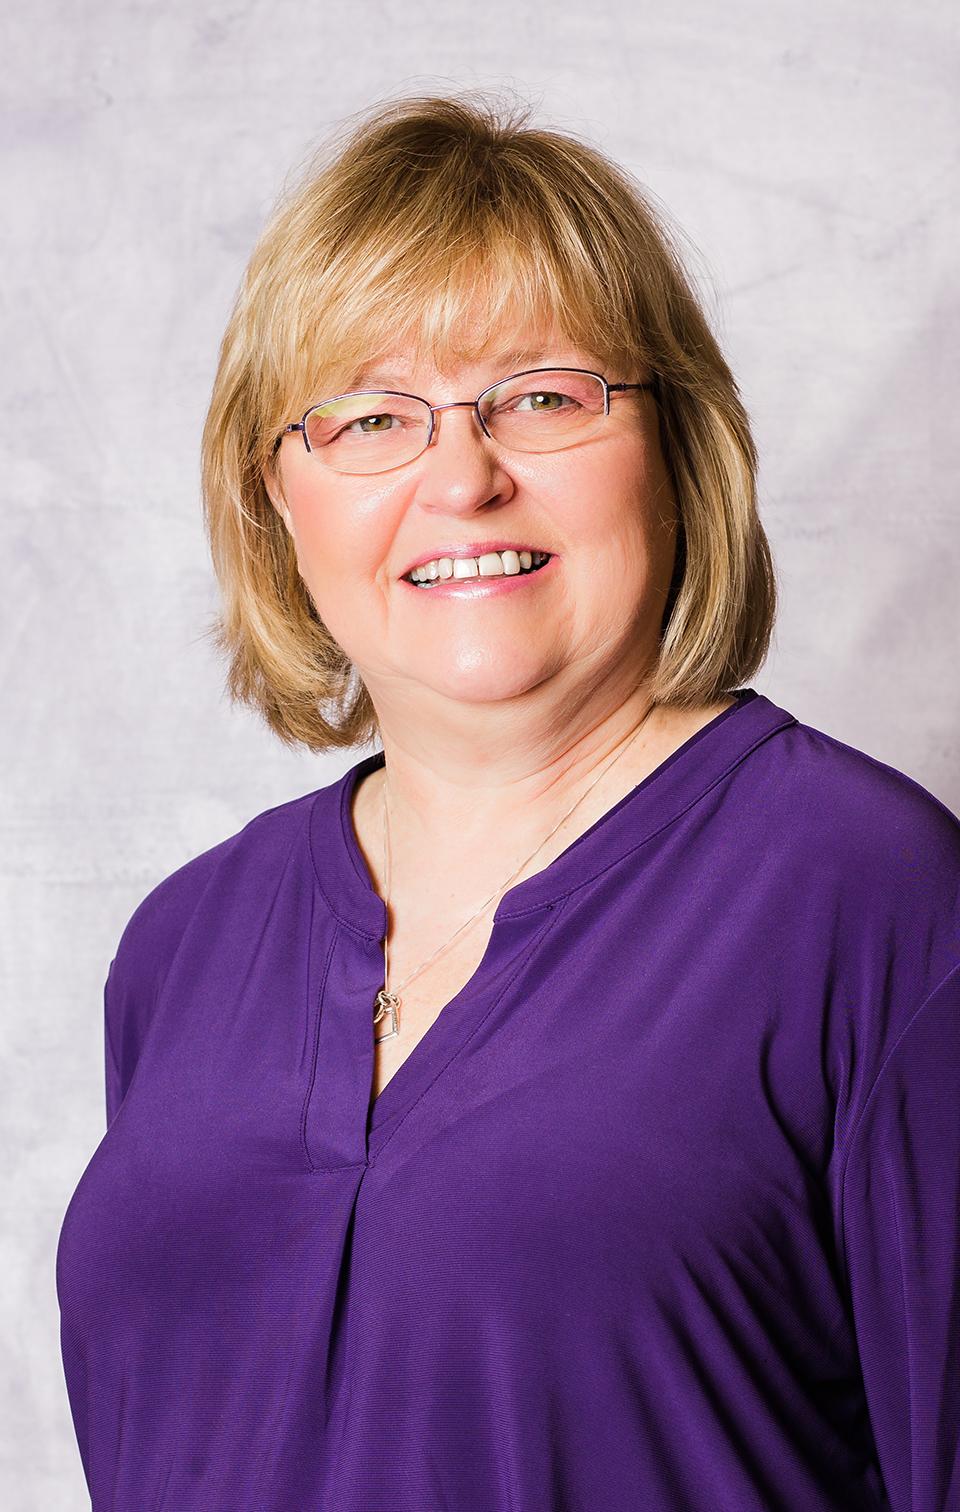 Nancy Setsor